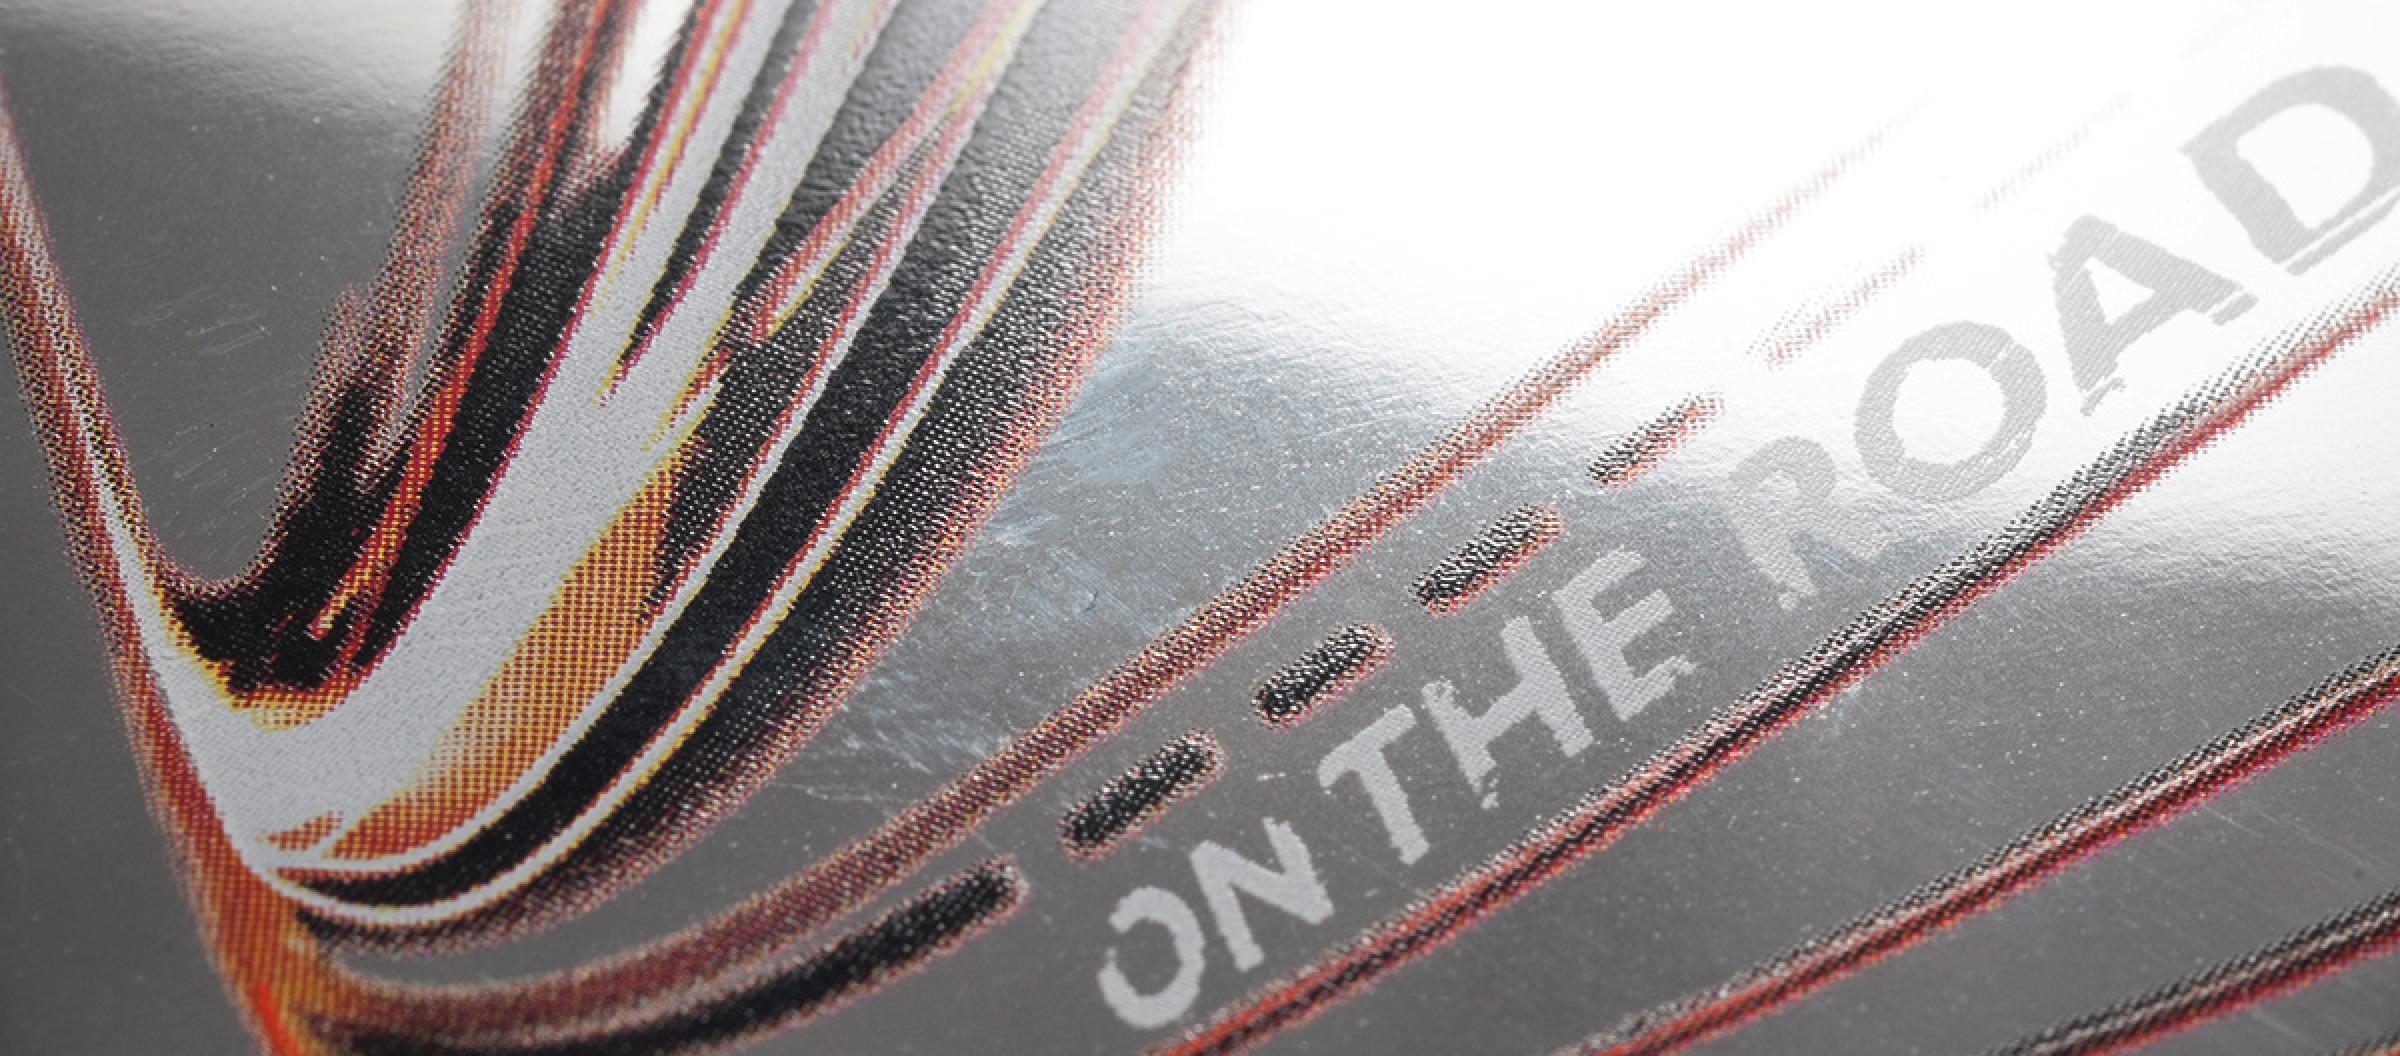 Signage Promotional